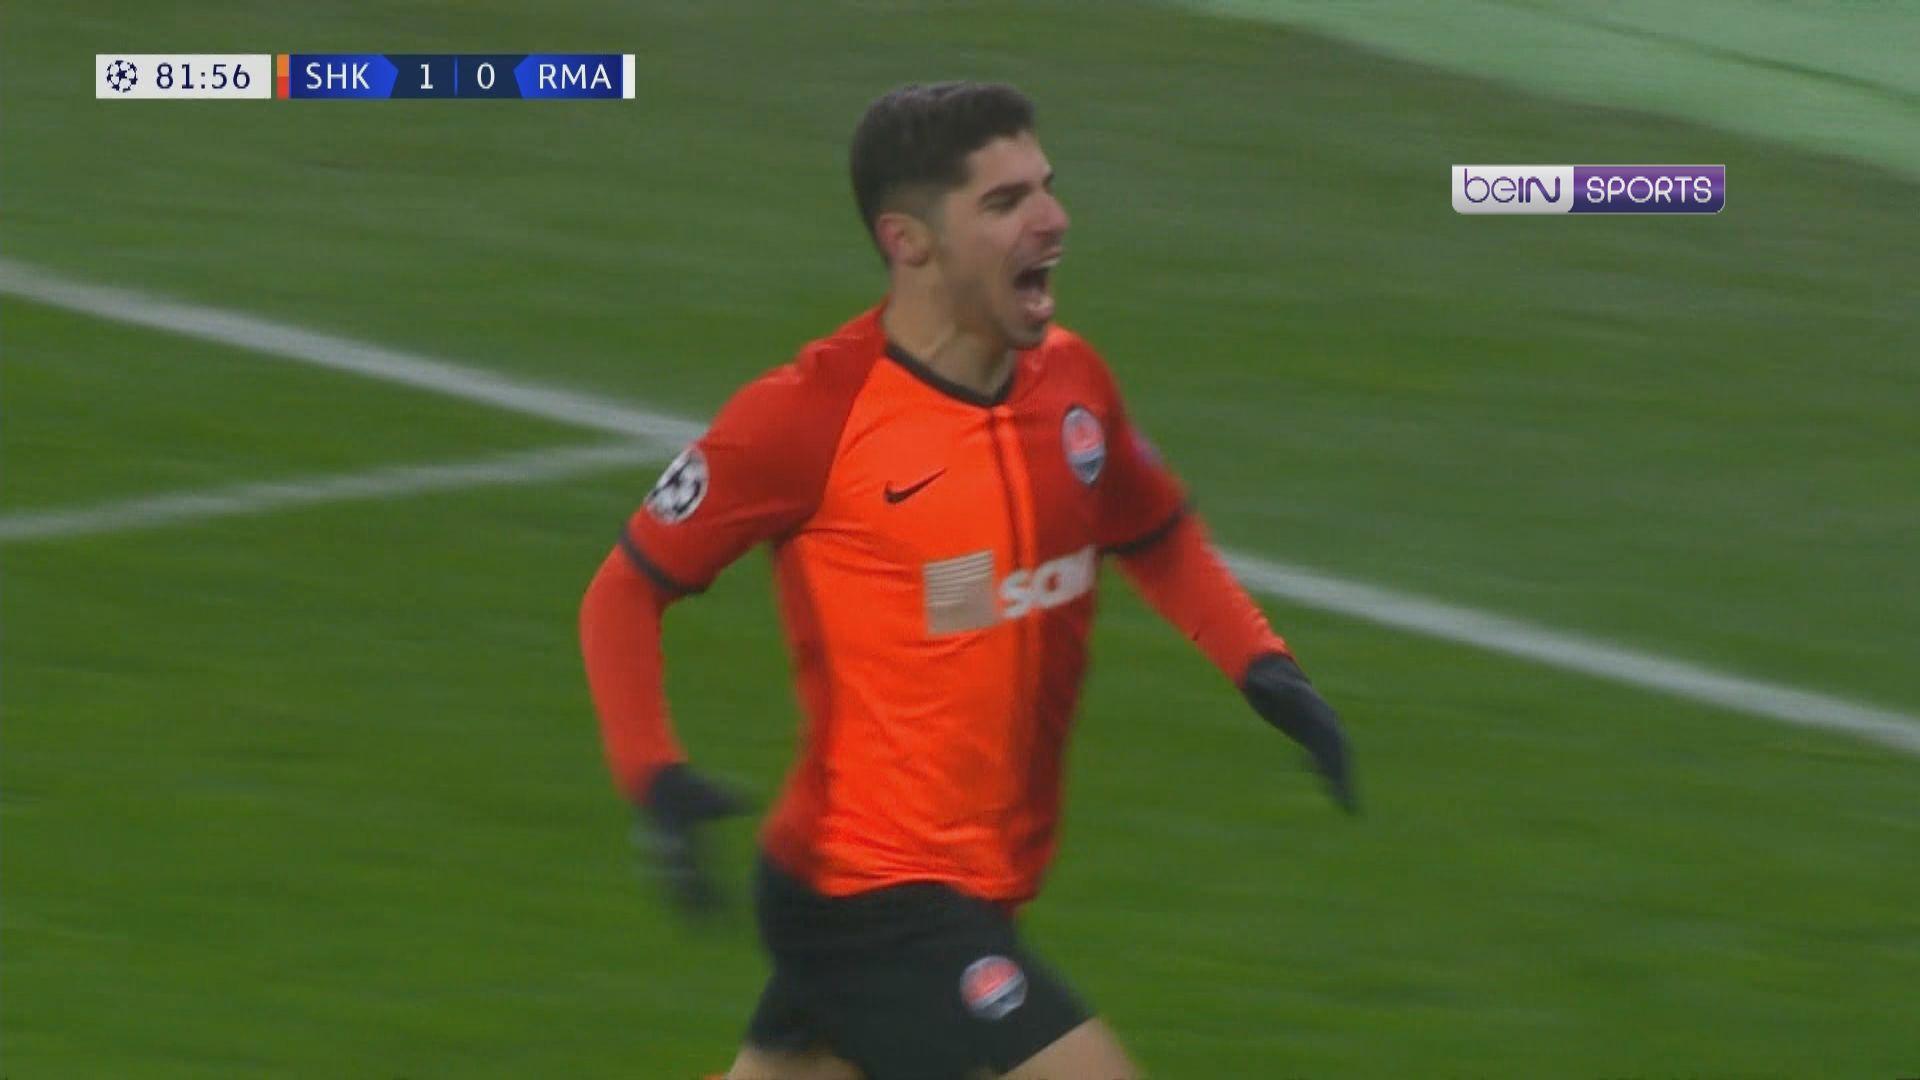 歐聯 薩克達2:0皇家馬德里